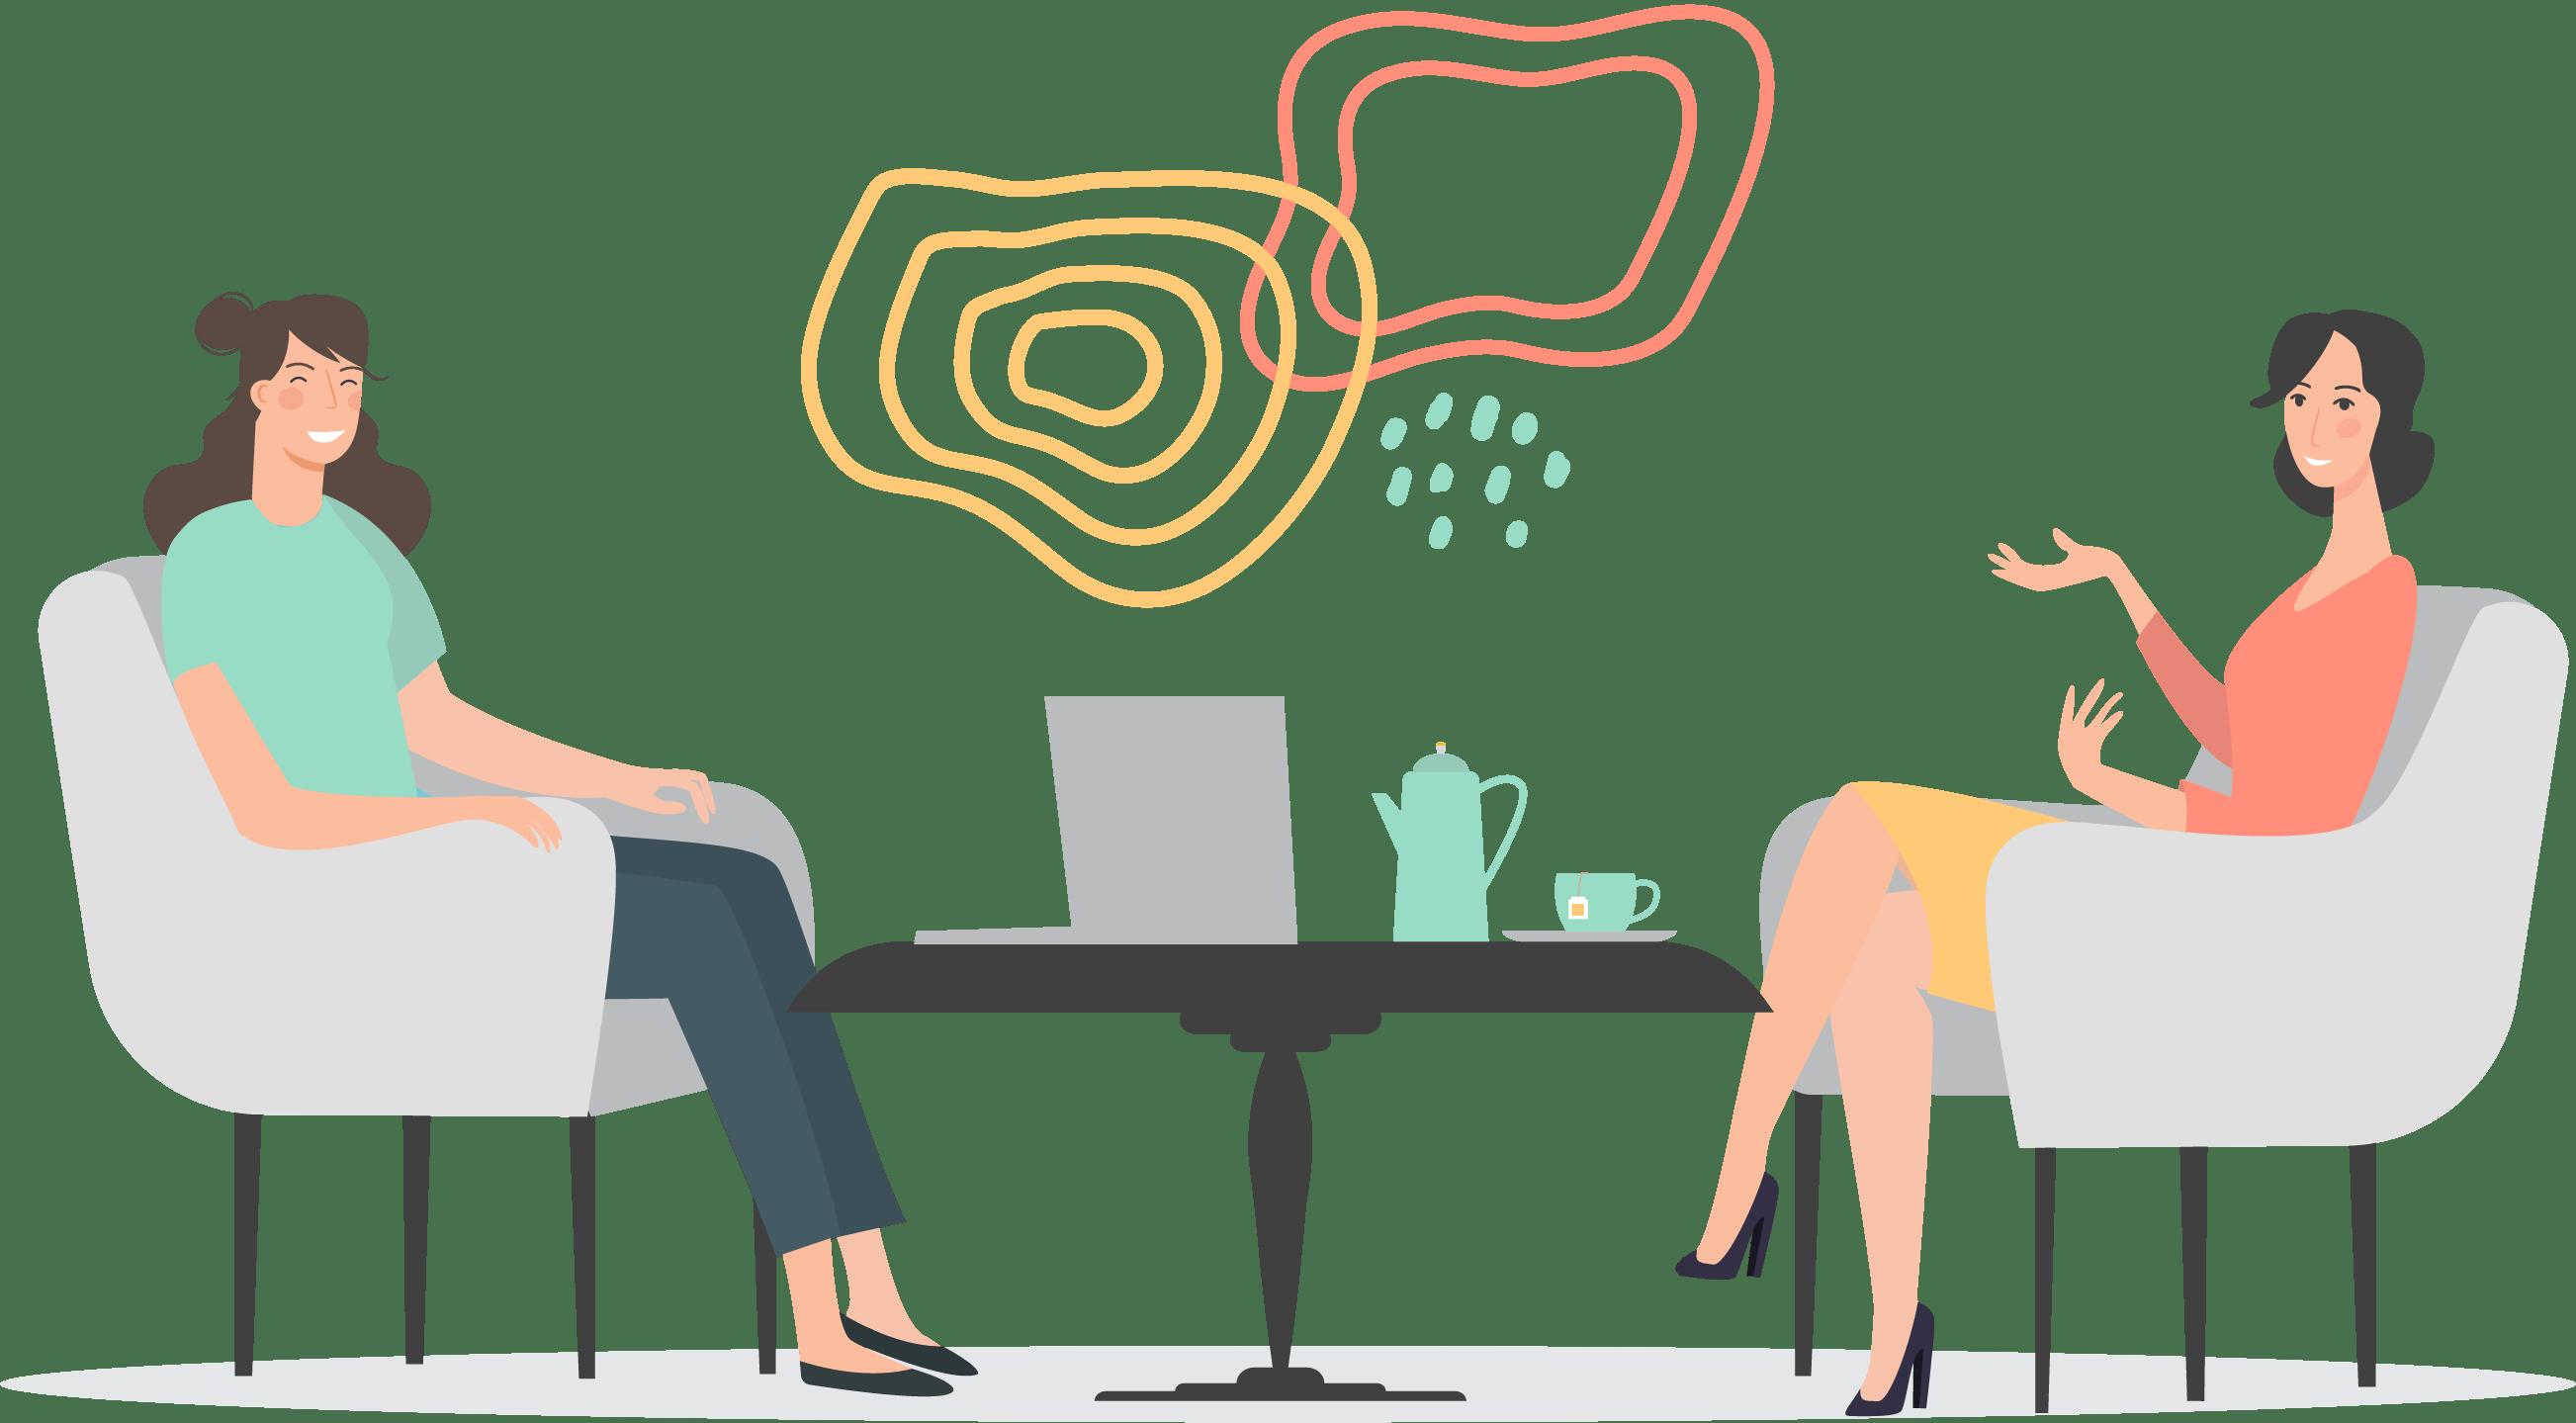 Dessin avec une graphiste qui rencontre une cliente et discutent autour d'une table